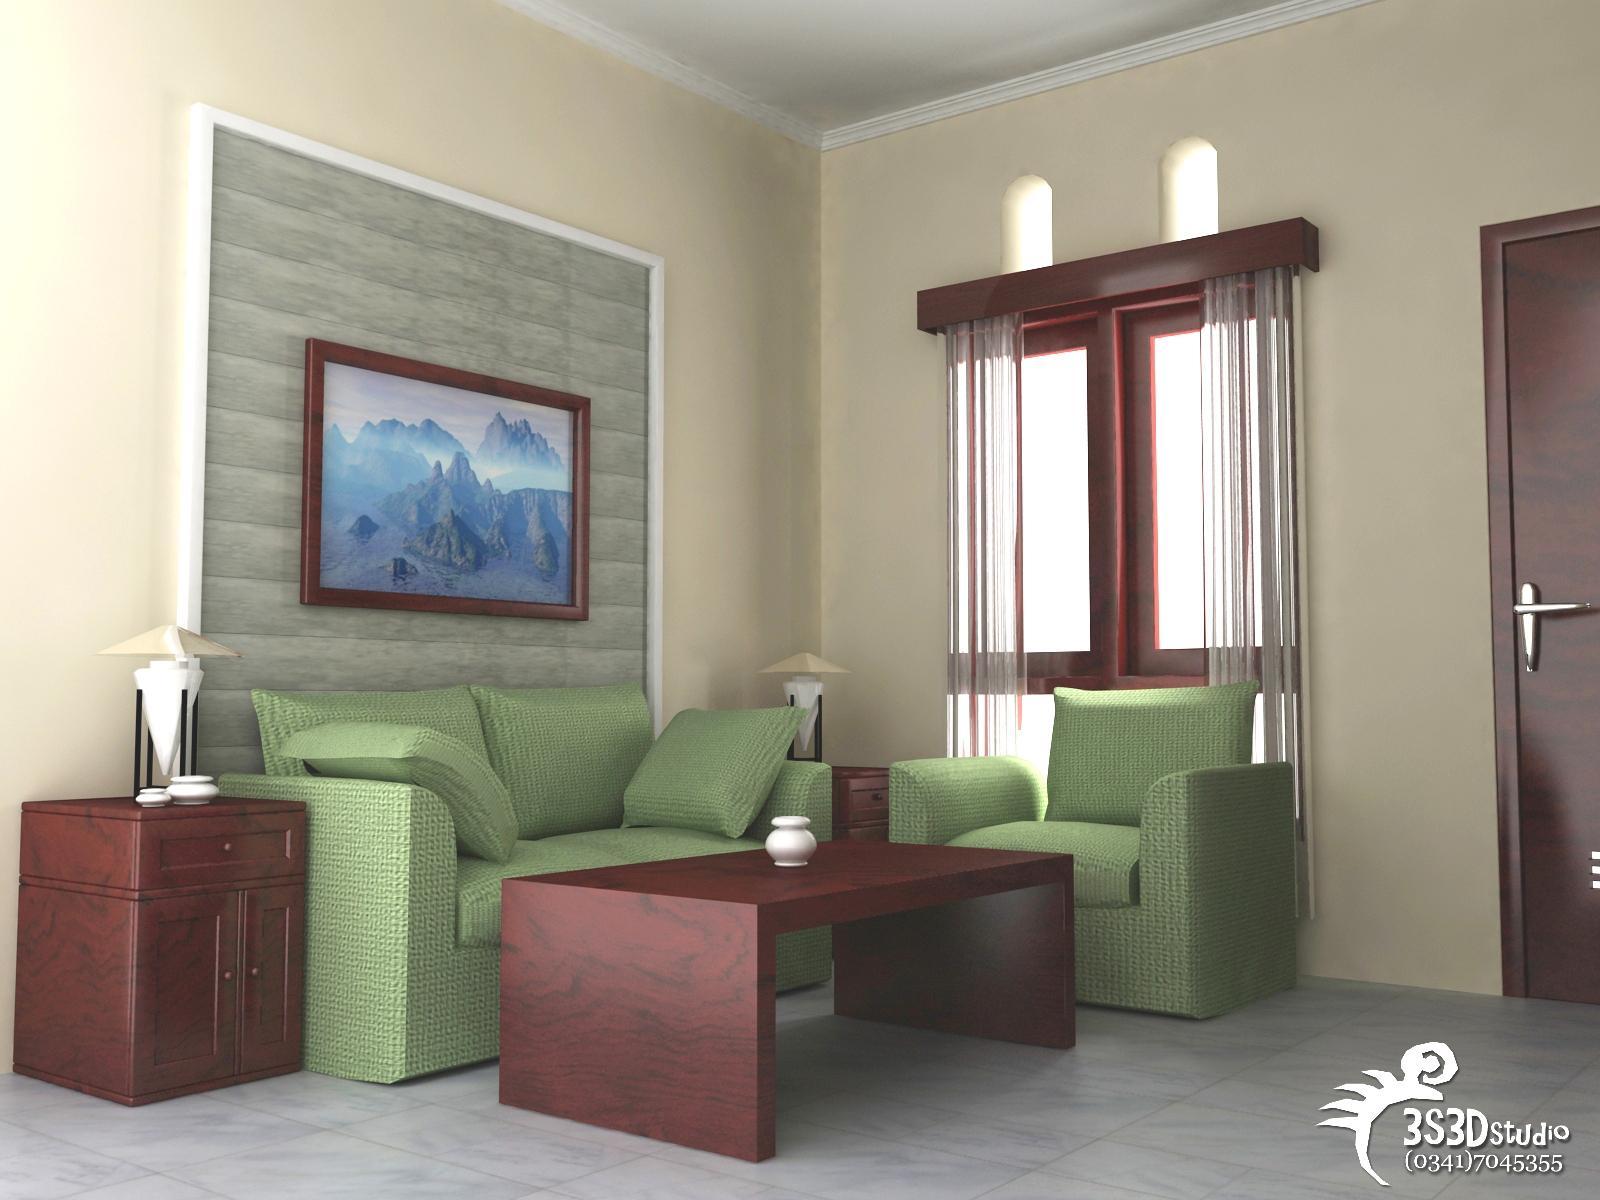 Ruang Tamu Kecil 2015 & Tips Menata Ruang Tamu Kecil dan Sempit - Rumah